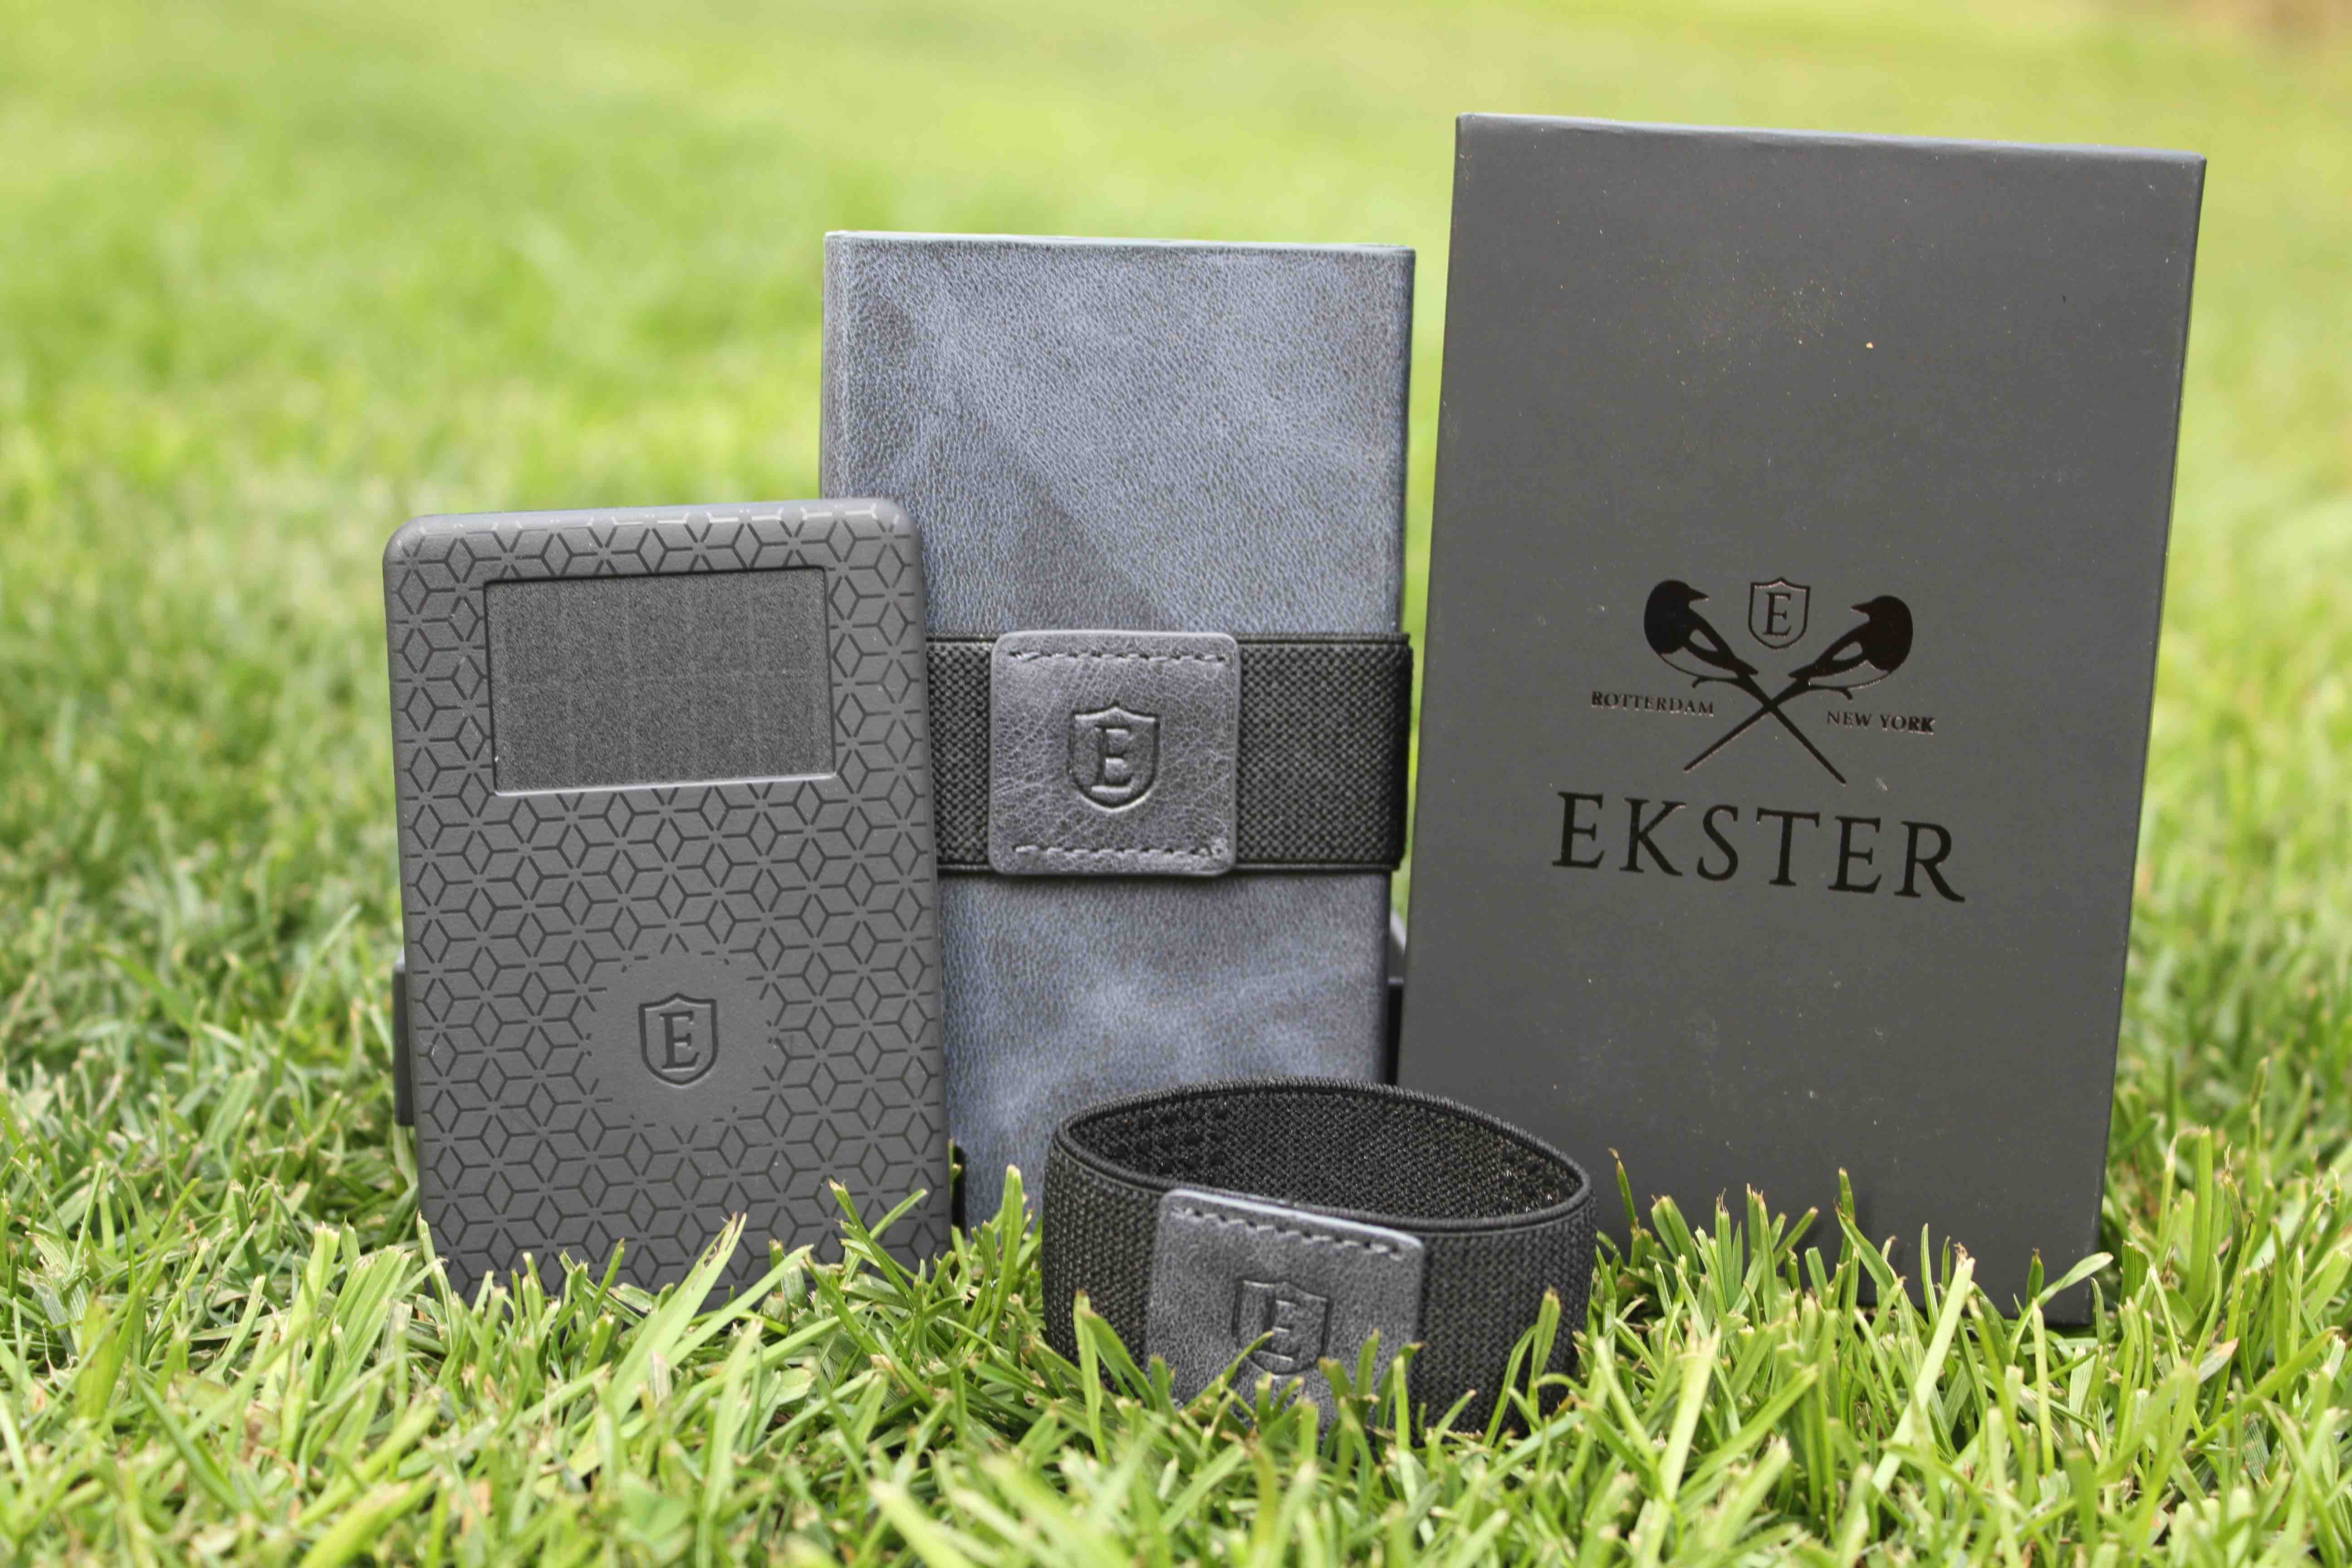 nuovo economico tra qualche giorno sporco RECENSIONE: Ekster Smart Wallet, il portafogli sempre con noi ...